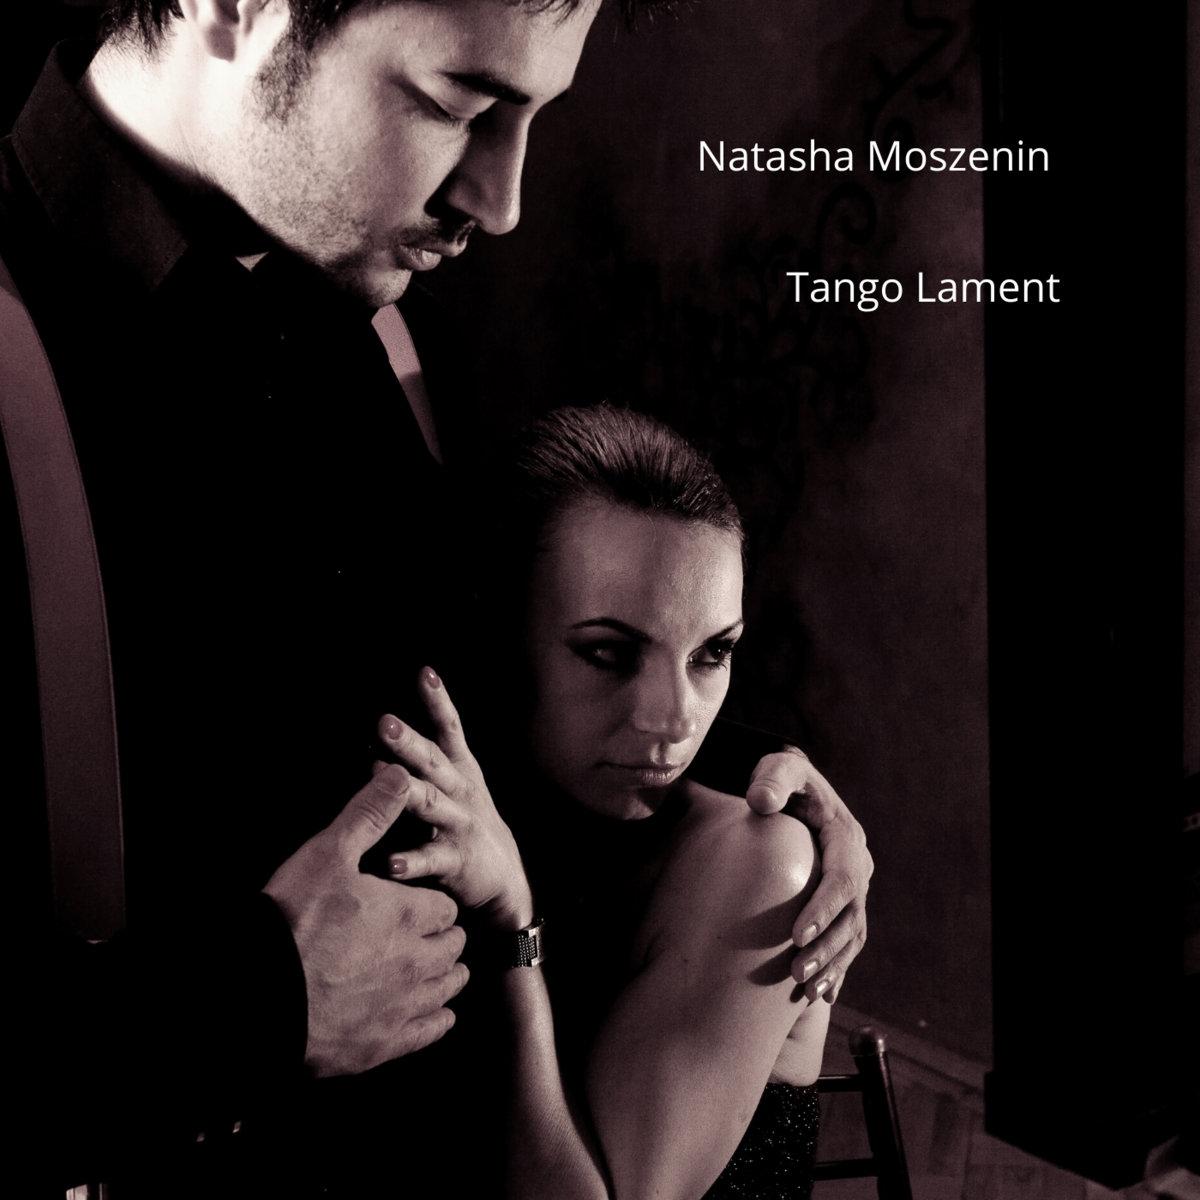 Tango Lament by Natasha Moszenin